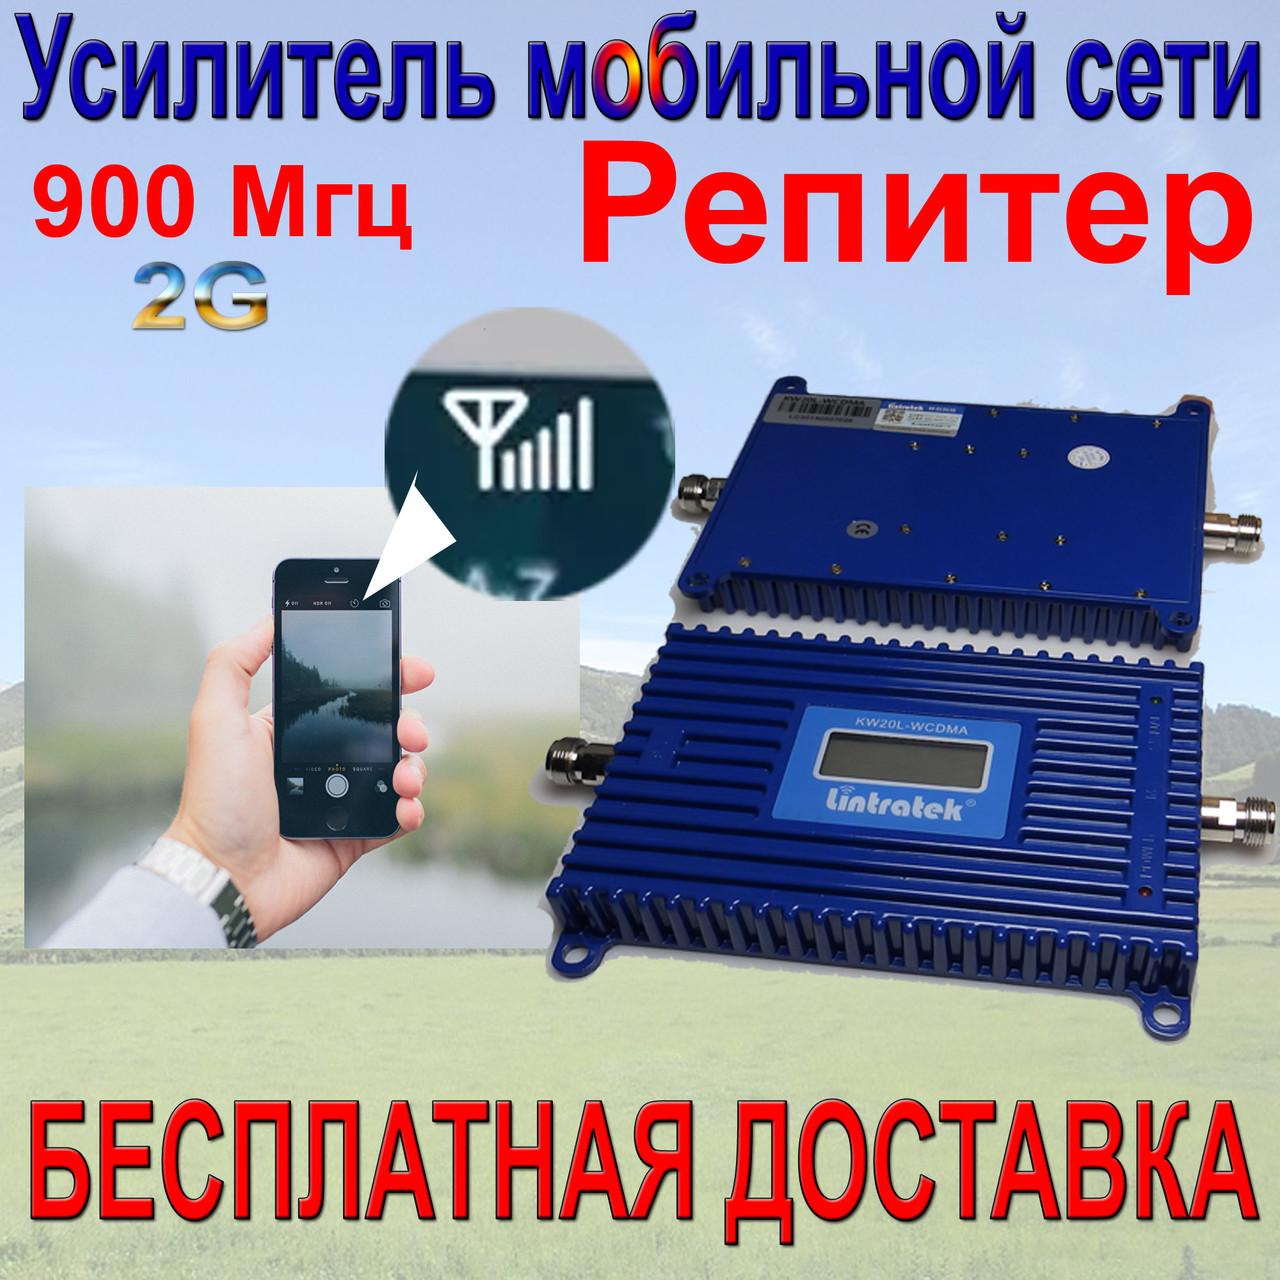 Репитер Lintratek KW16L-GSM усилитель мобильной сотовой связи 900Mhz - Полньй Комплект +Скидка +Подарок